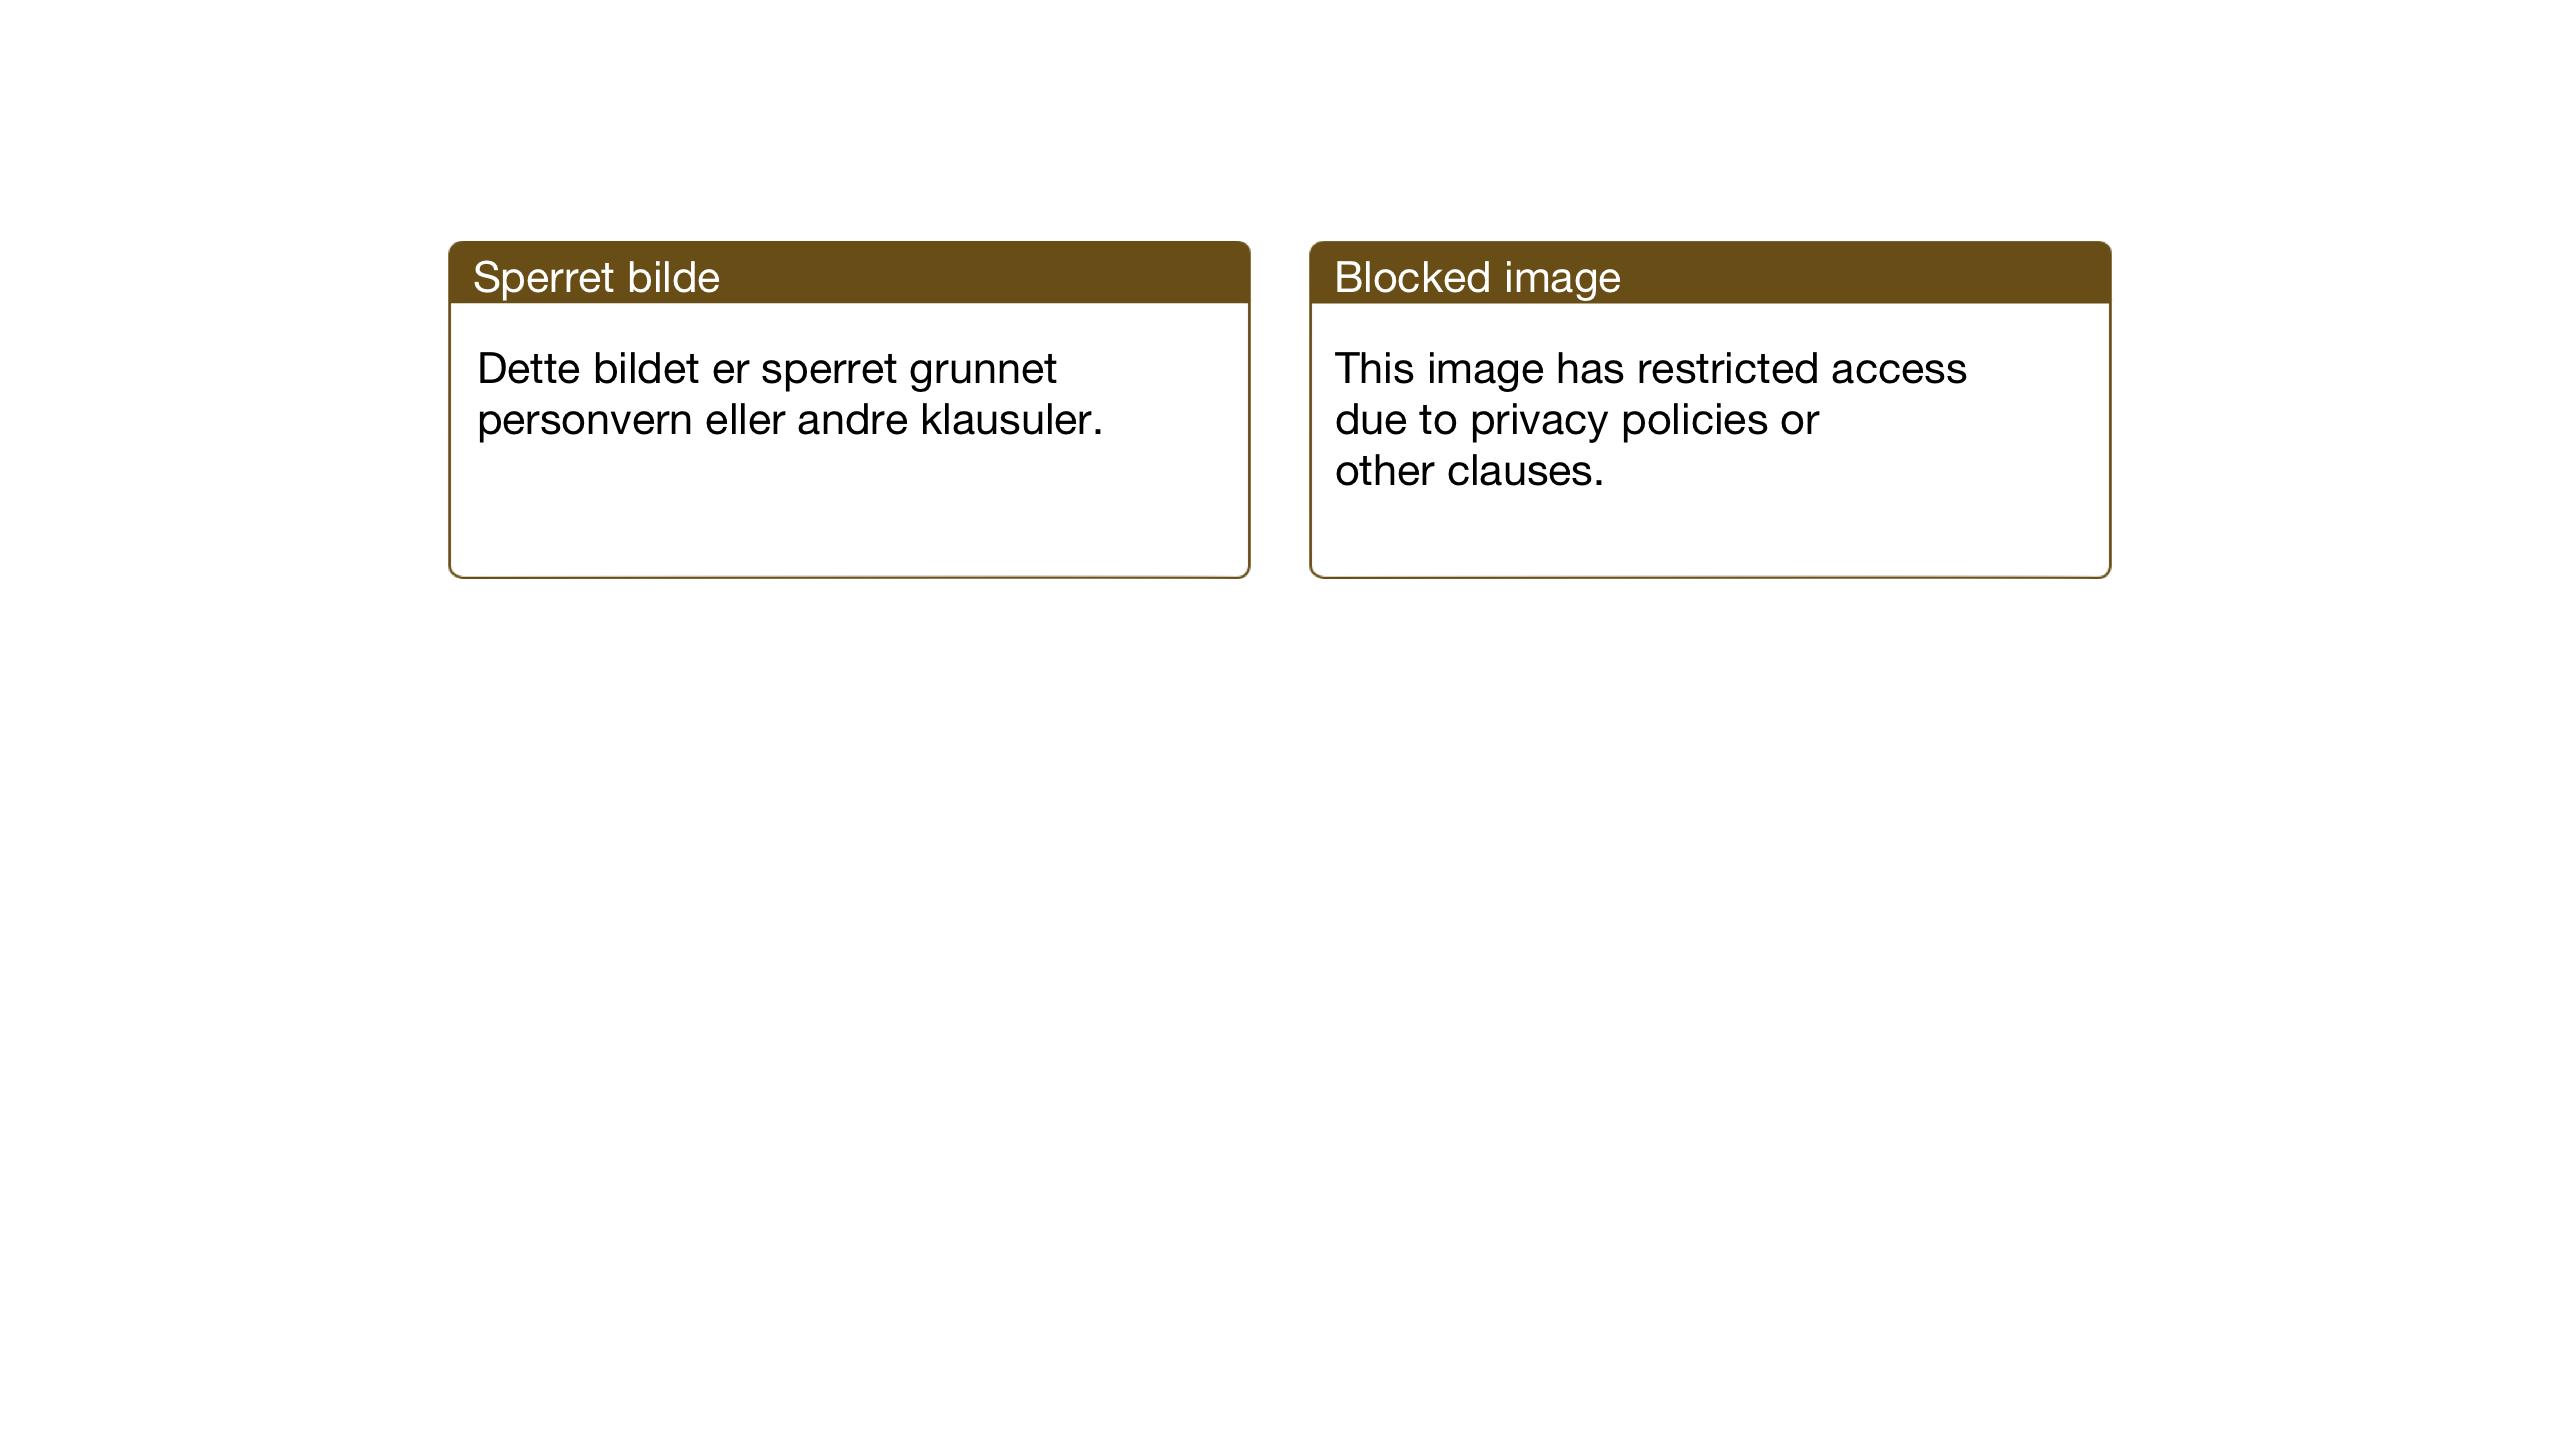 SAT, Ministerialprotokoller, klokkerbøker og fødselsregistre - Sør-Trøndelag, 630/L0508: Klokkerbok nr. 630C06, 1933-1950, s. 226